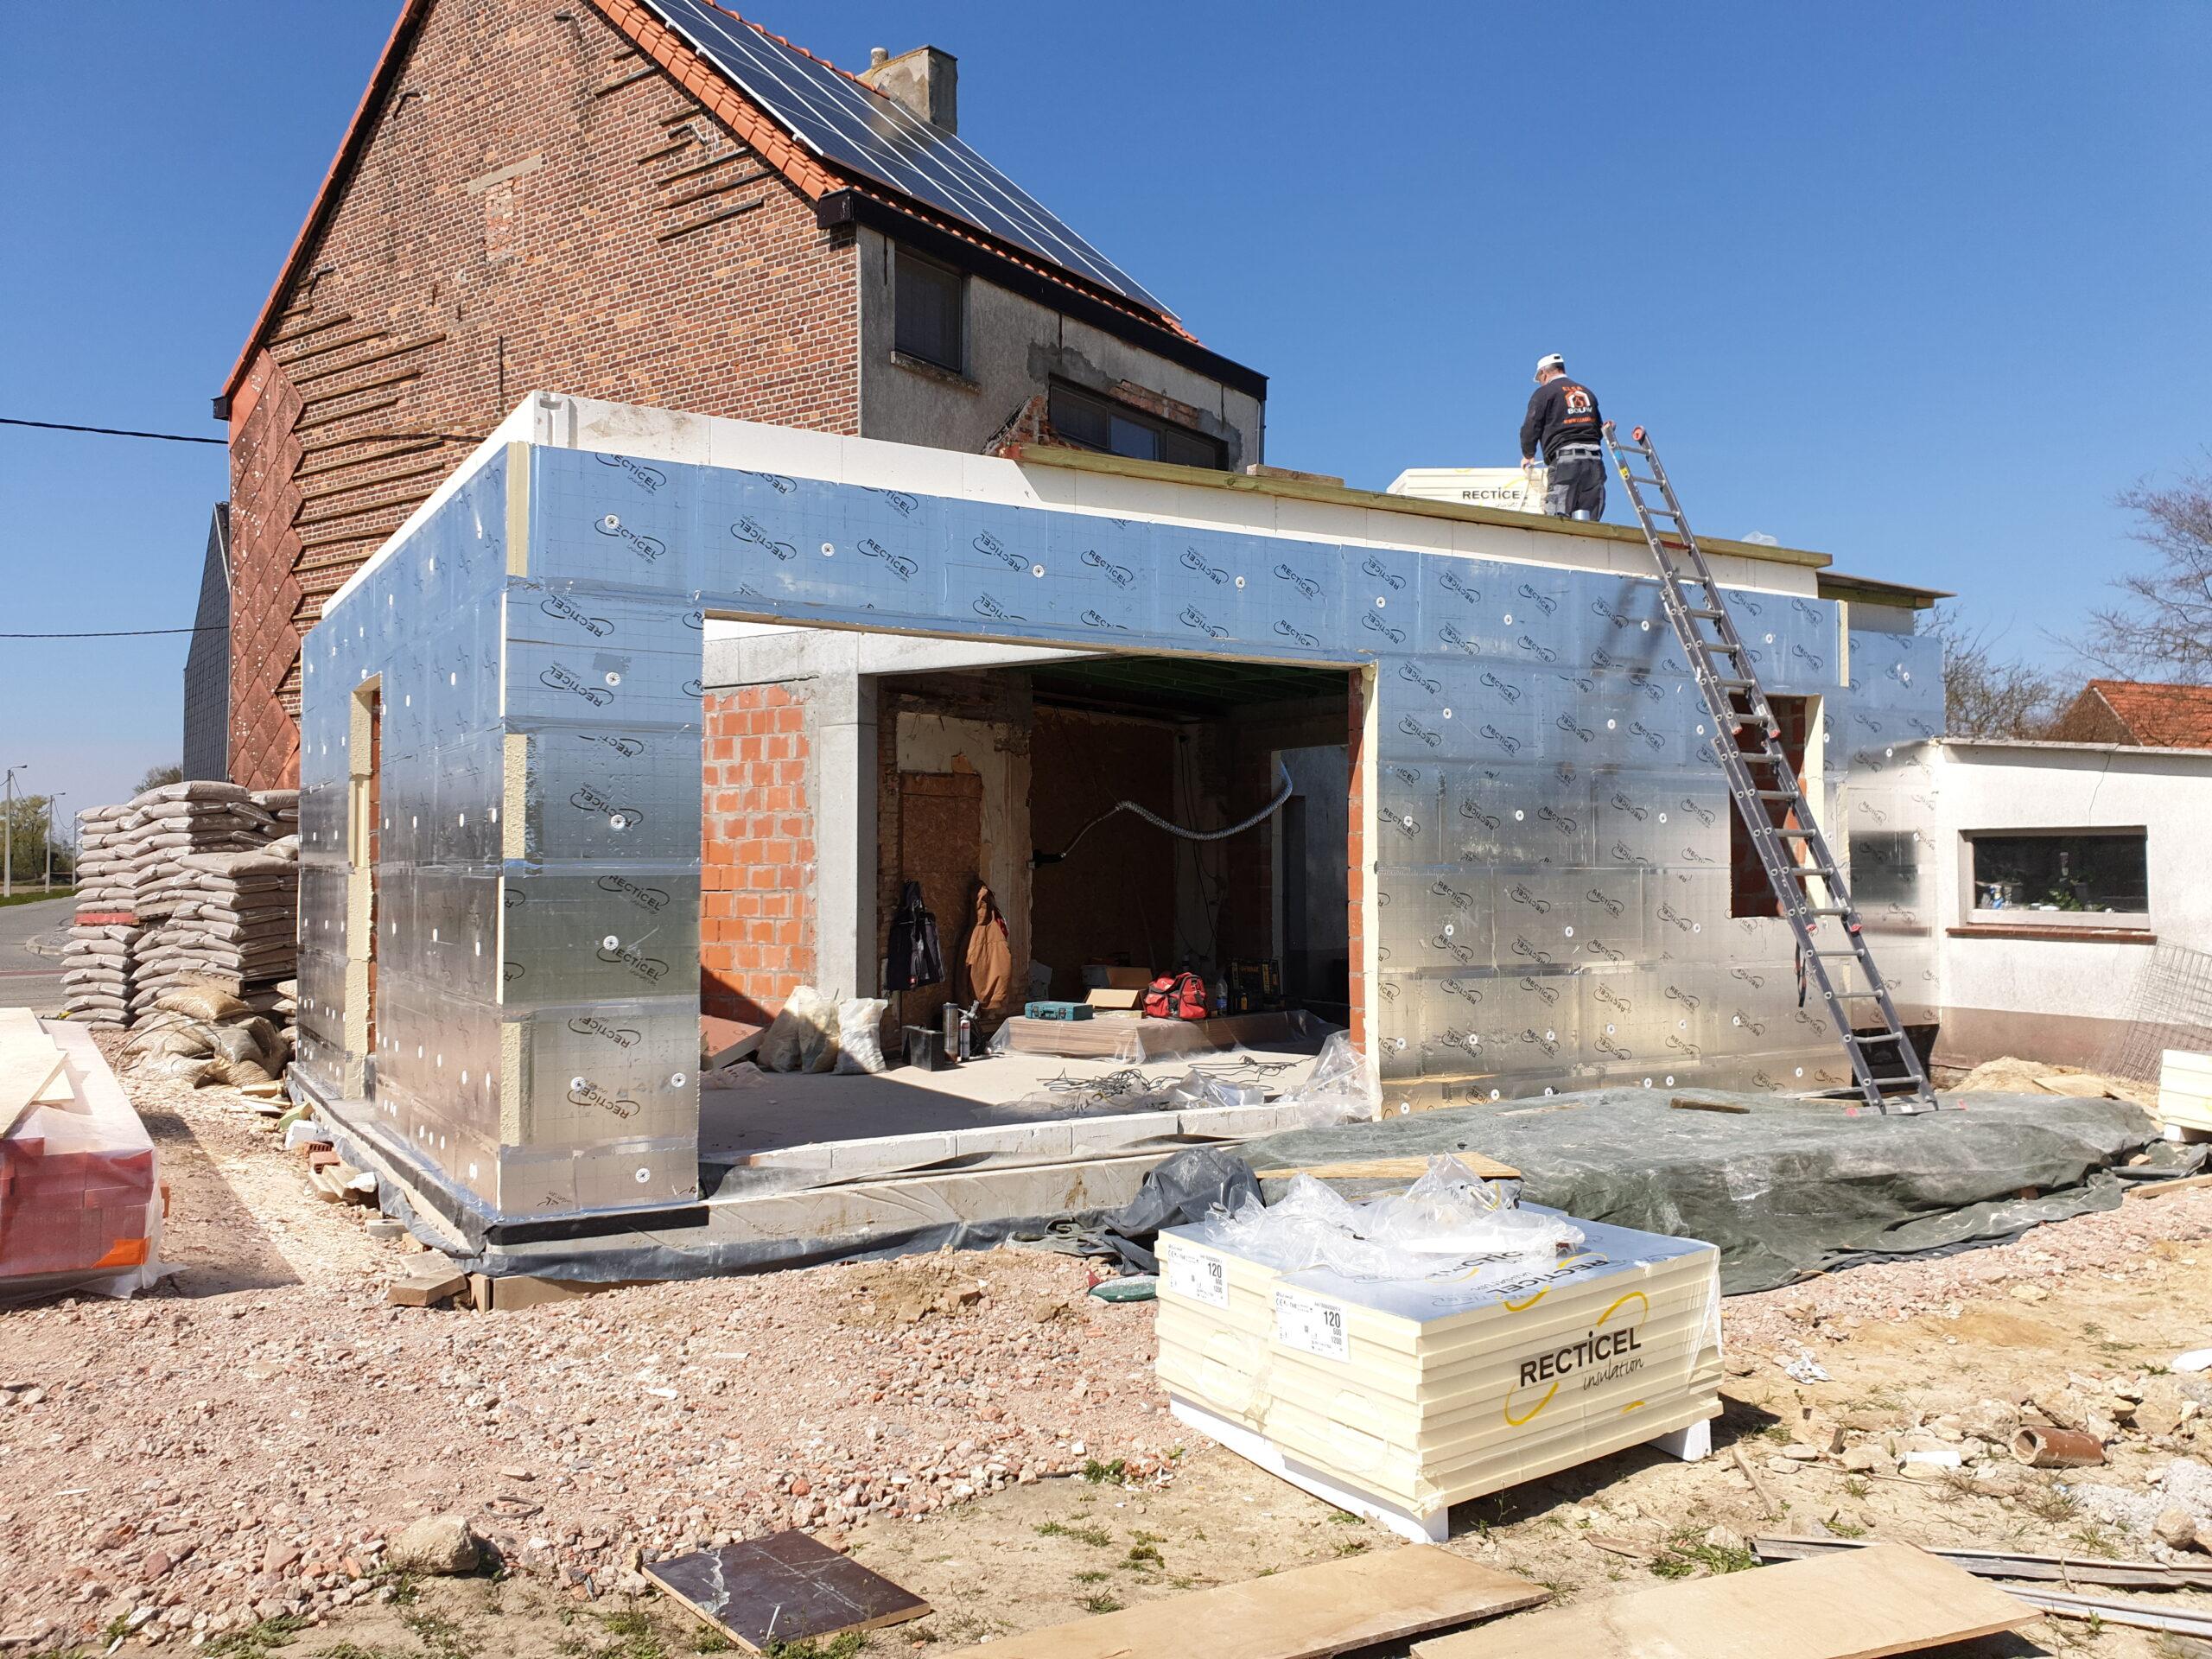 Isolatie plaatsen -Aannemer verbouwingen en renovaties - Entrepreneur transformations et rénovationsIsolatie